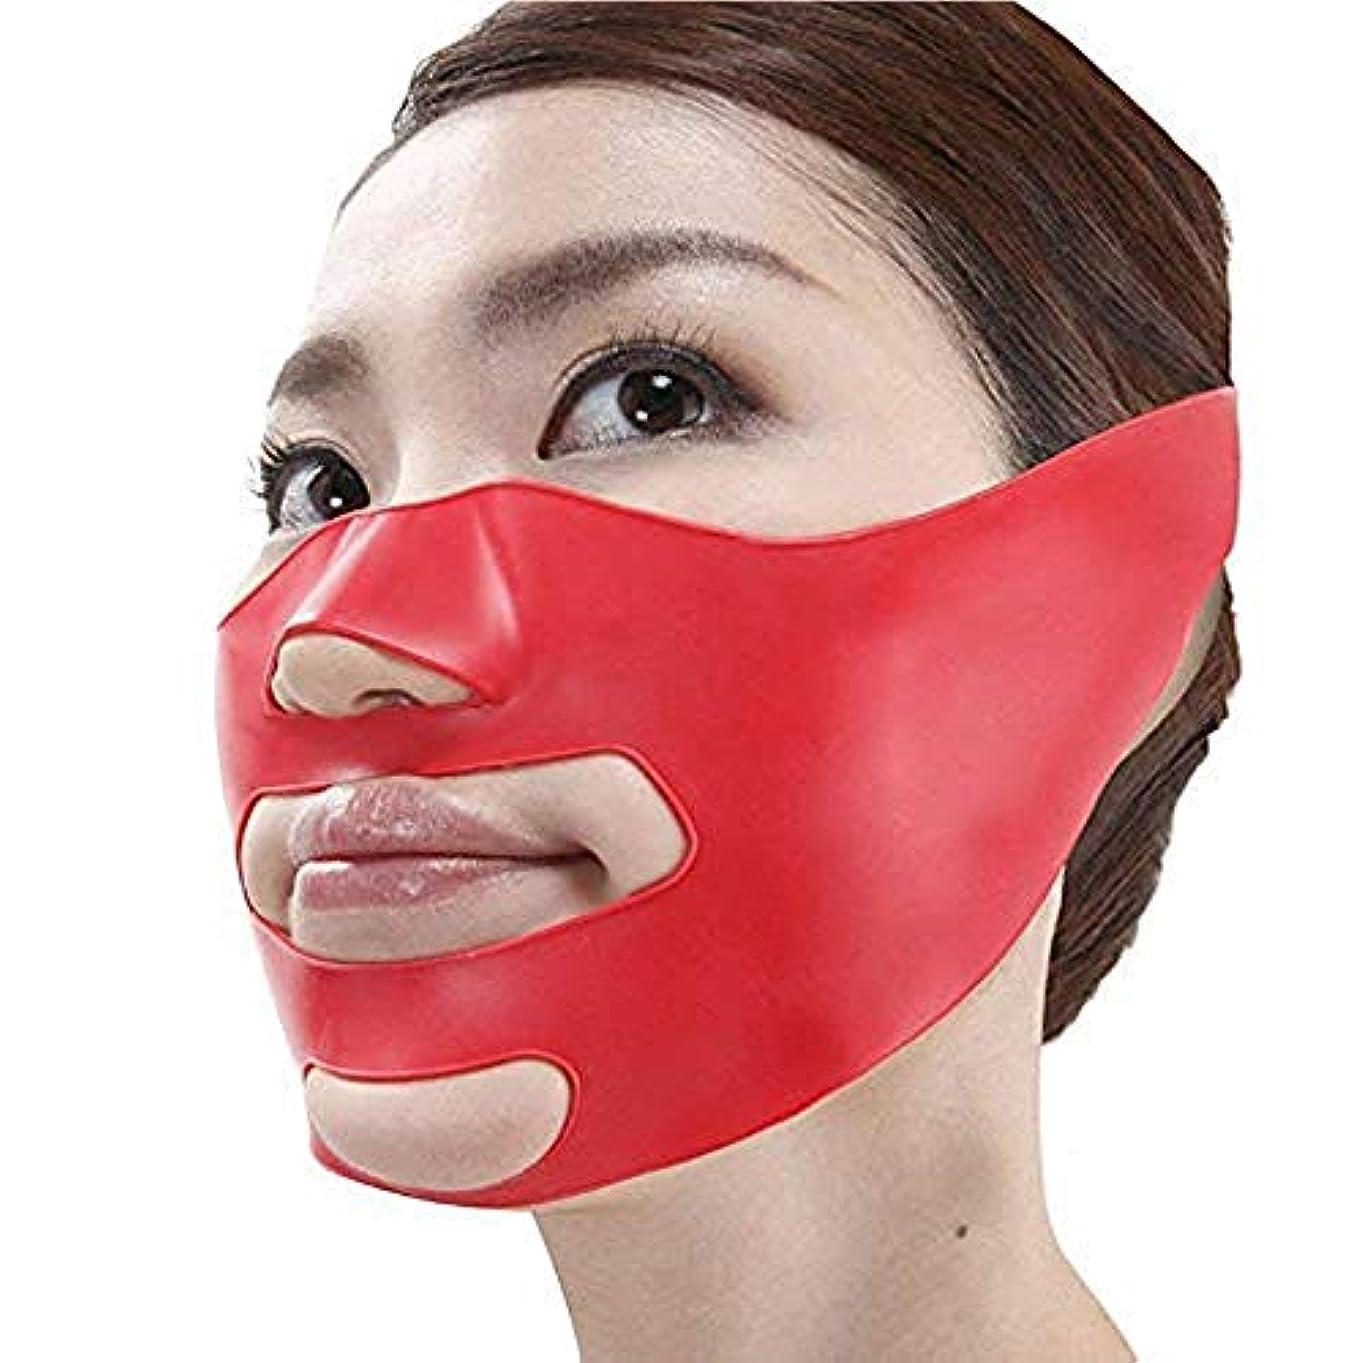 ブラウン篭ポールLindexs 小顔矯正 マスク 小顔補正ベルト ほうれい線 3Dエクササイズマスク リフトスリムマスク 抗シワ サウナマスク 法令線予防 美容グッ (フリーサイズ)